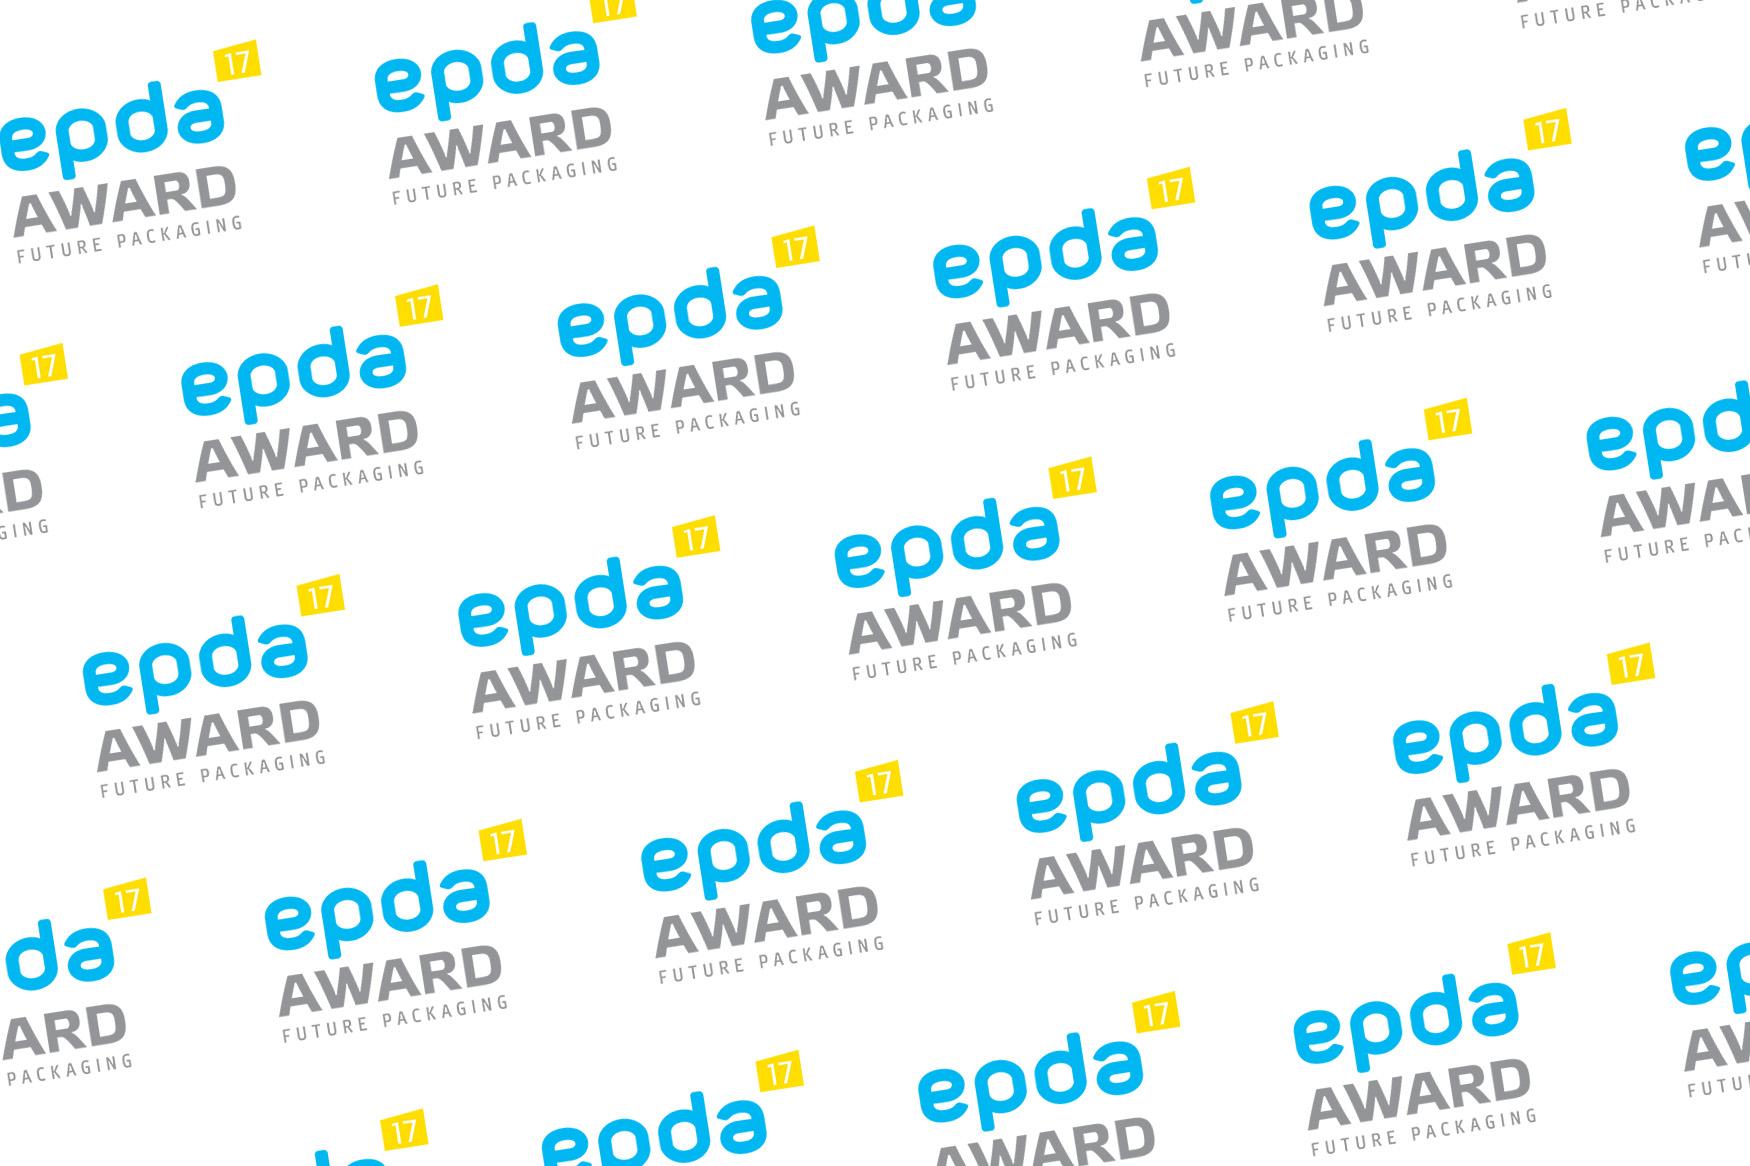 Projektanci Opus B Brand Design nagrodzeni przez EPDA - Biuro Prasowe Opus B